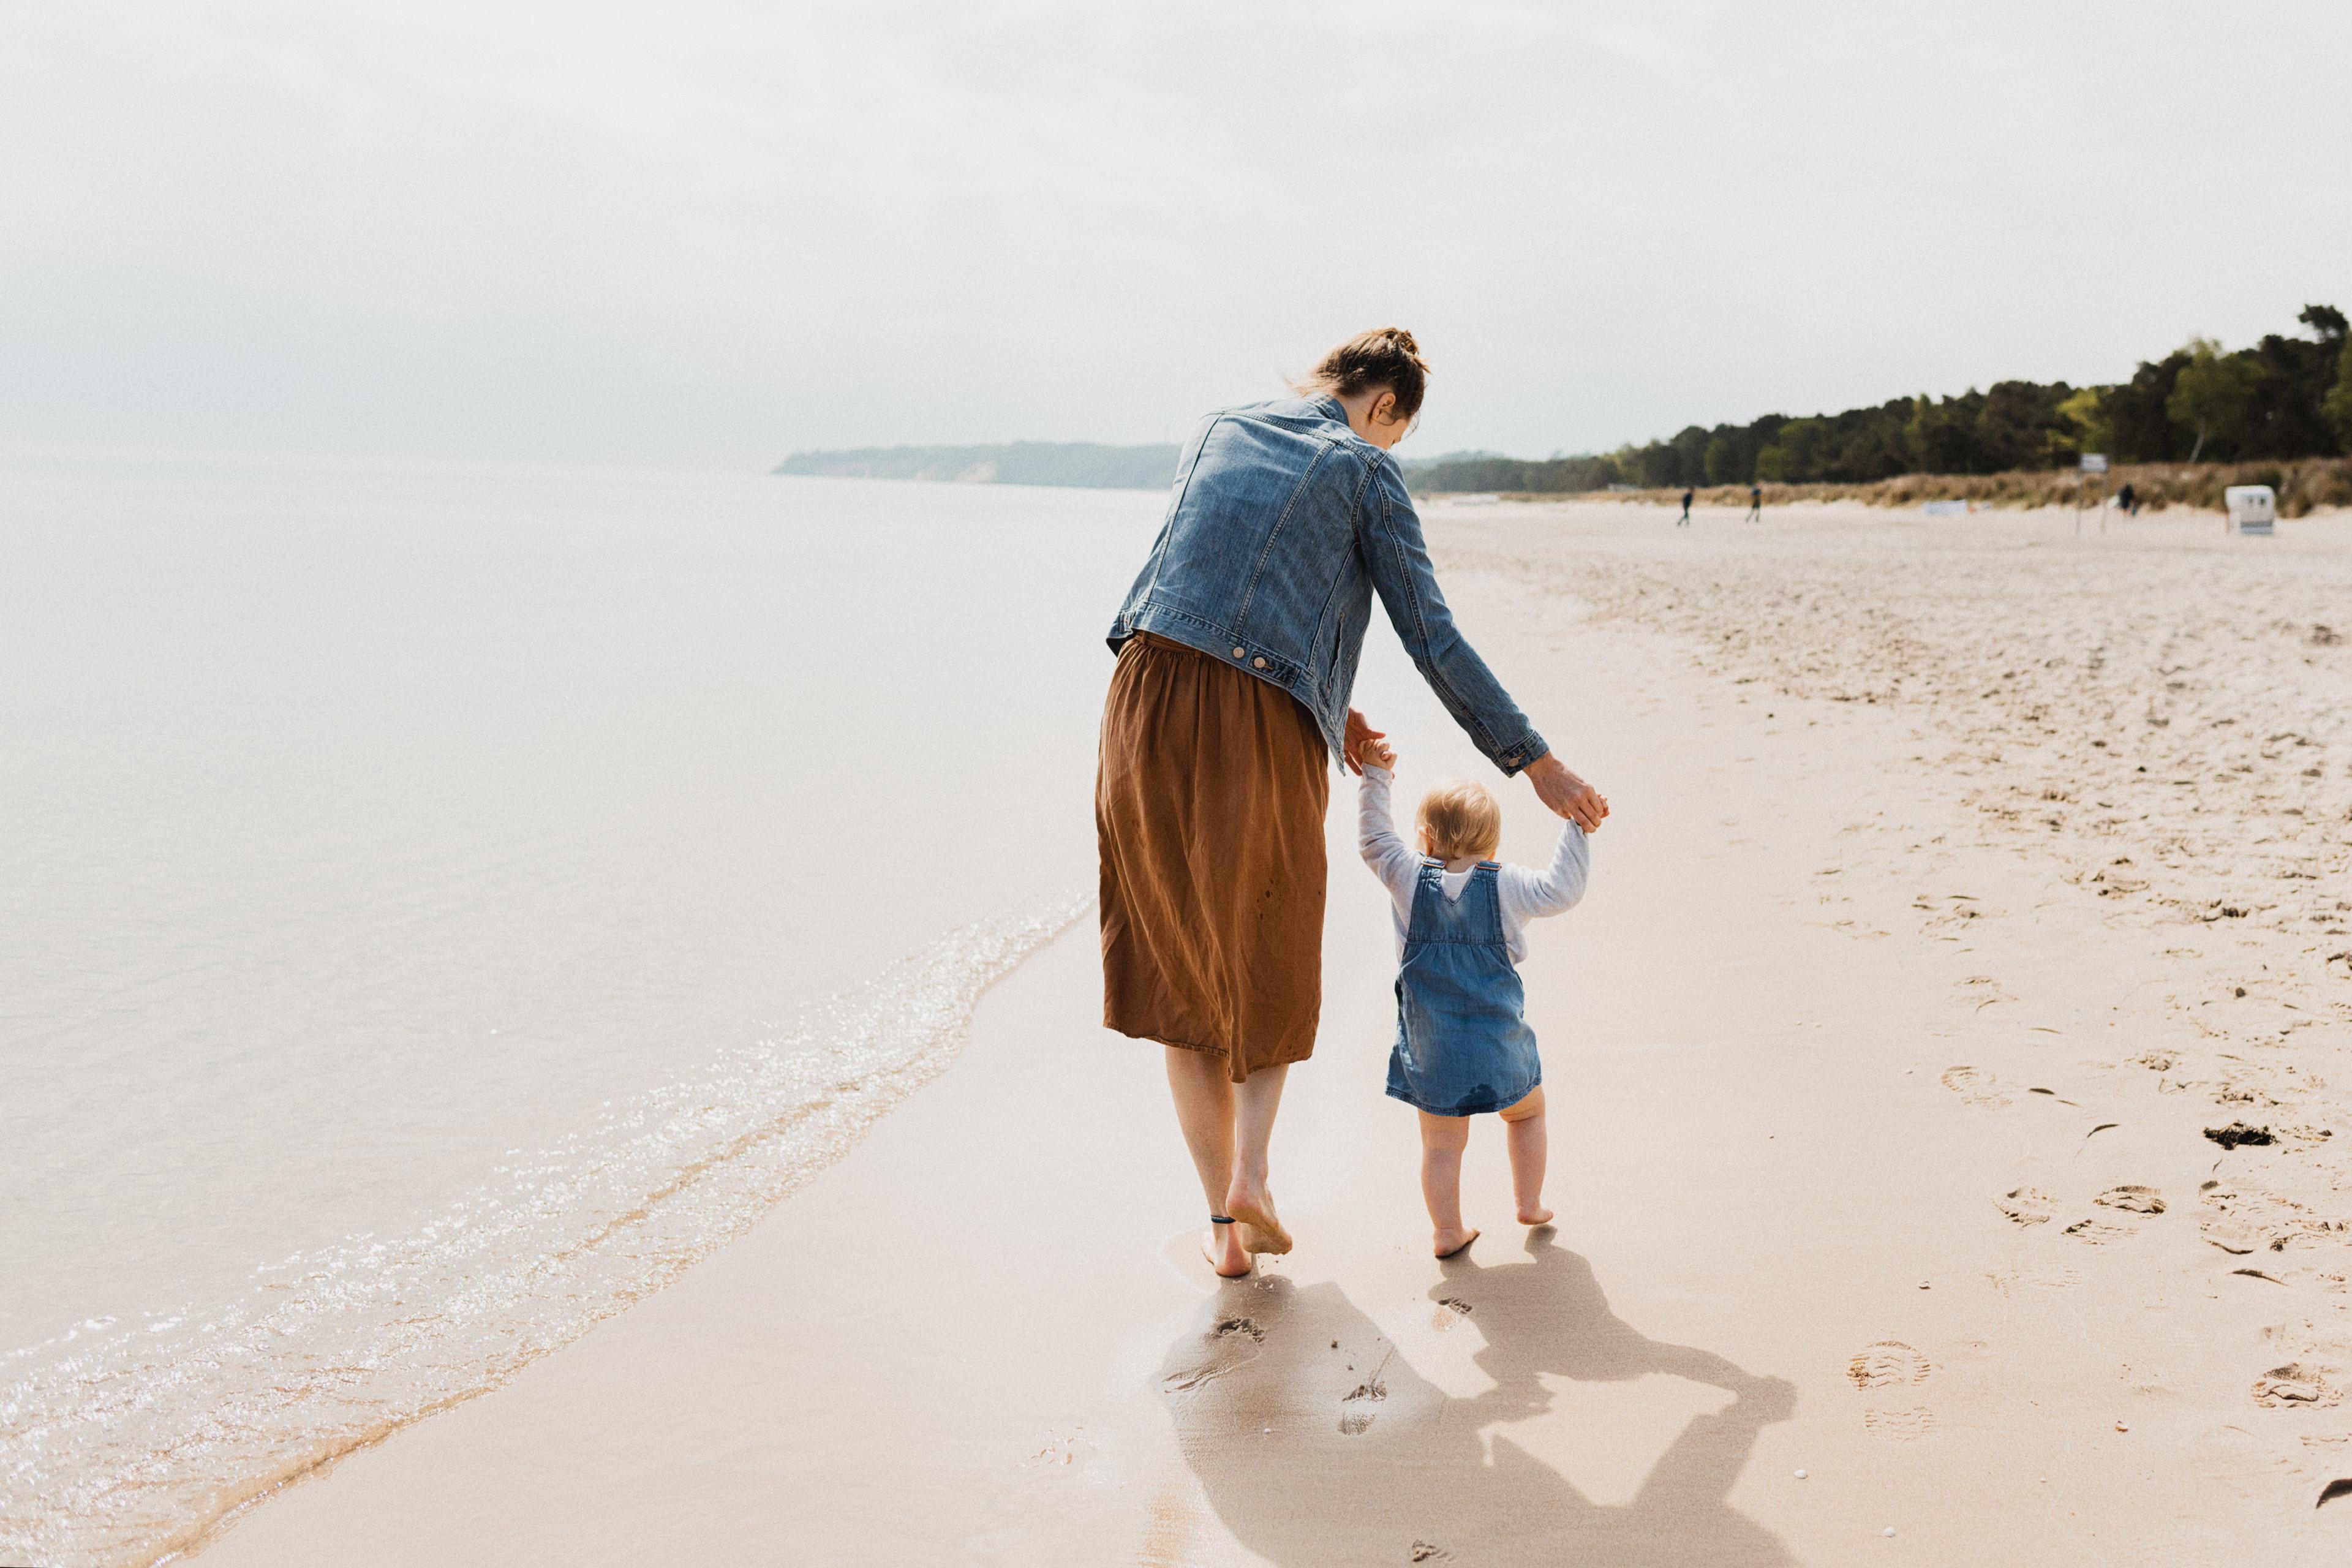 Schritt Mama Familienurlaub Urlaub mit